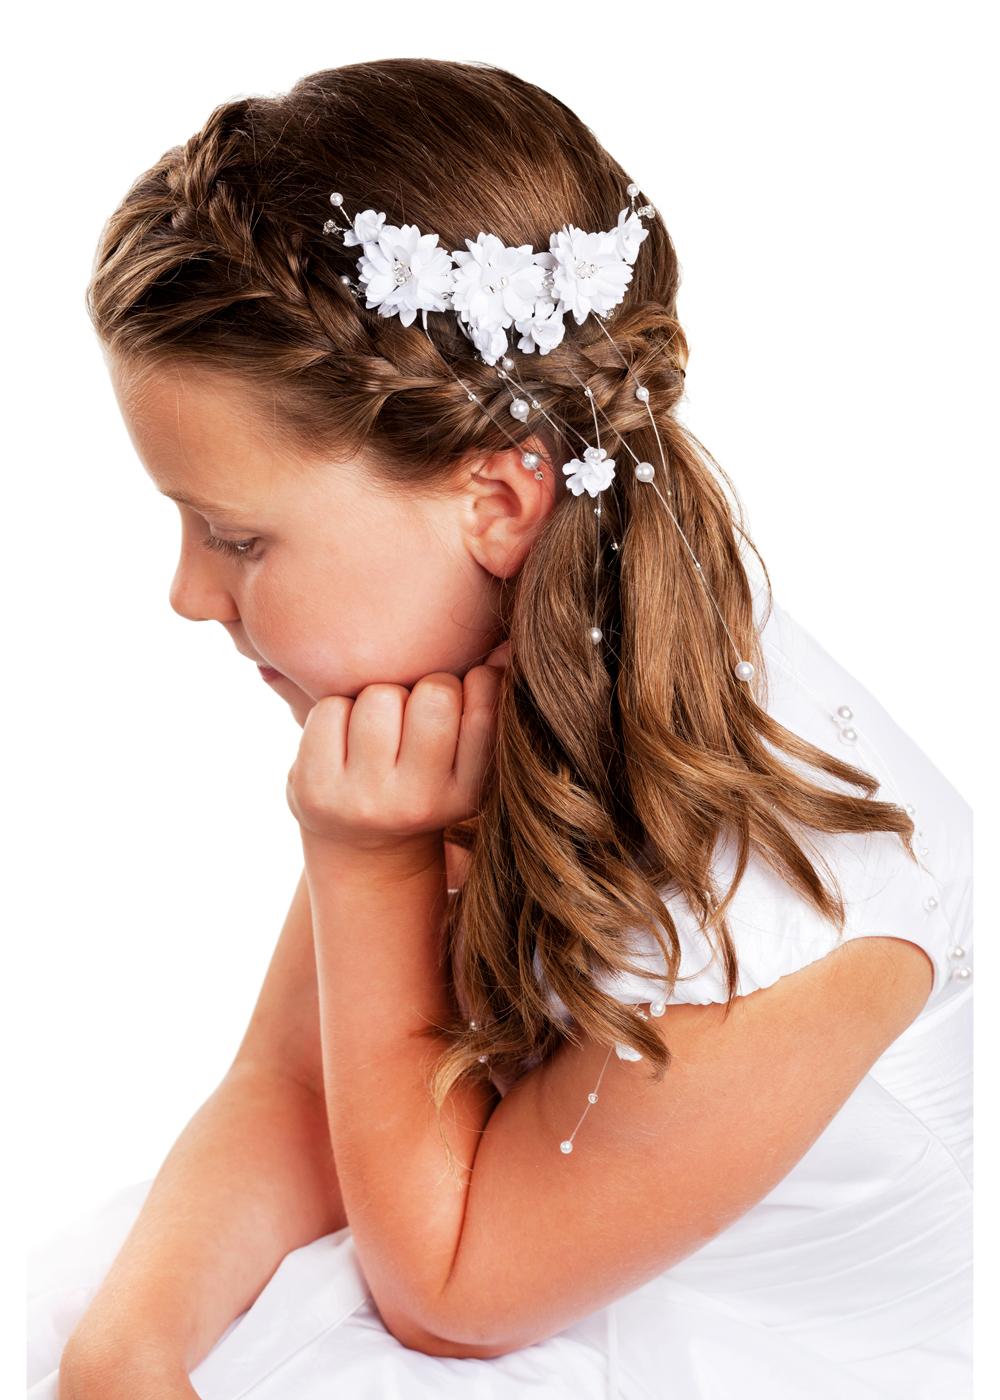 Kommunion Accessoires für Mädchen. Haarschmuck Modell222248_mak_4c